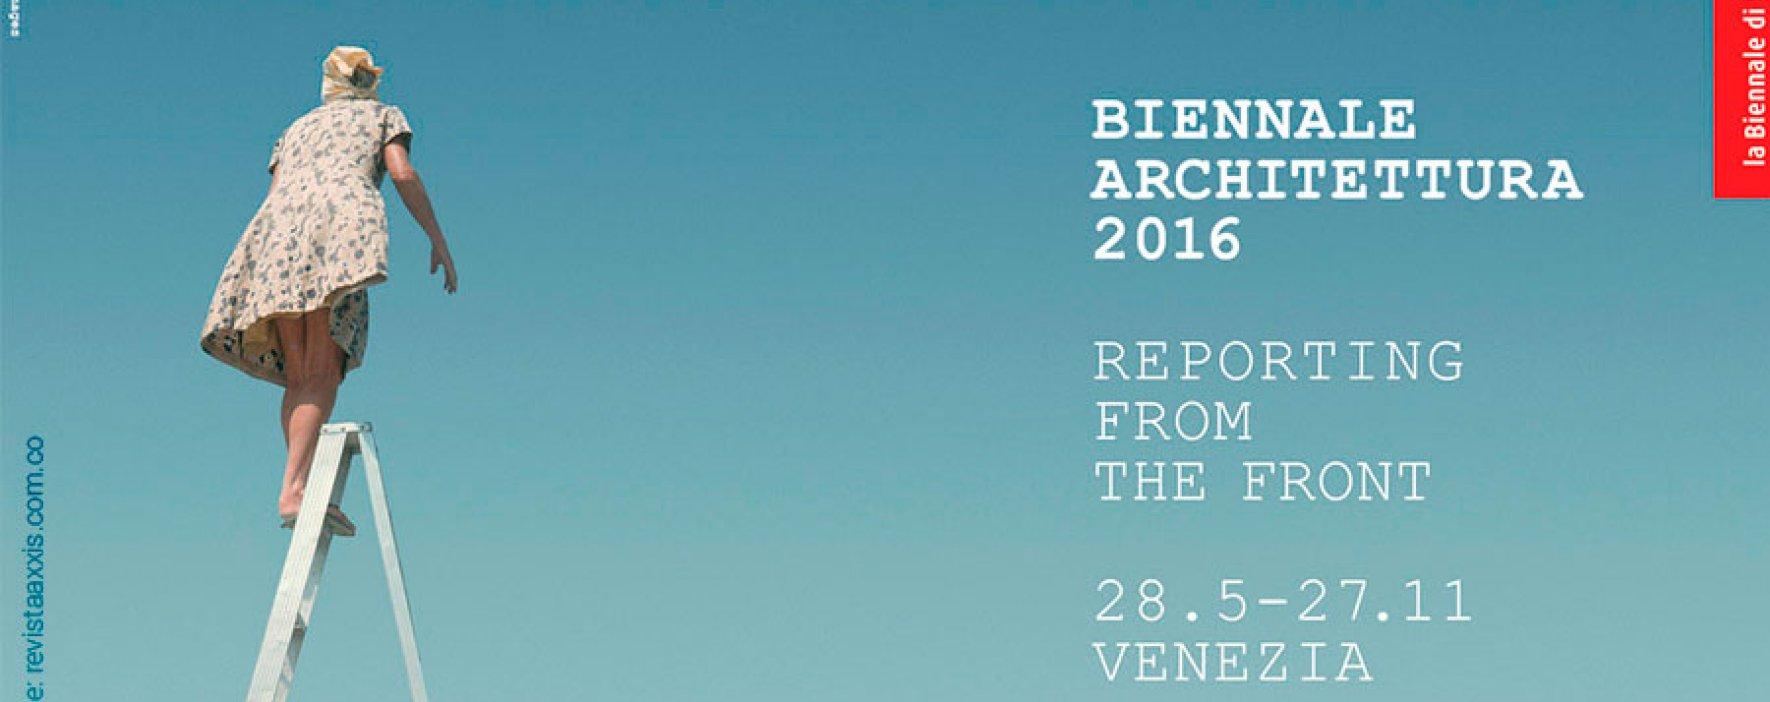 Colombianos en la Bienal de Arquitectura de Venecia 2016